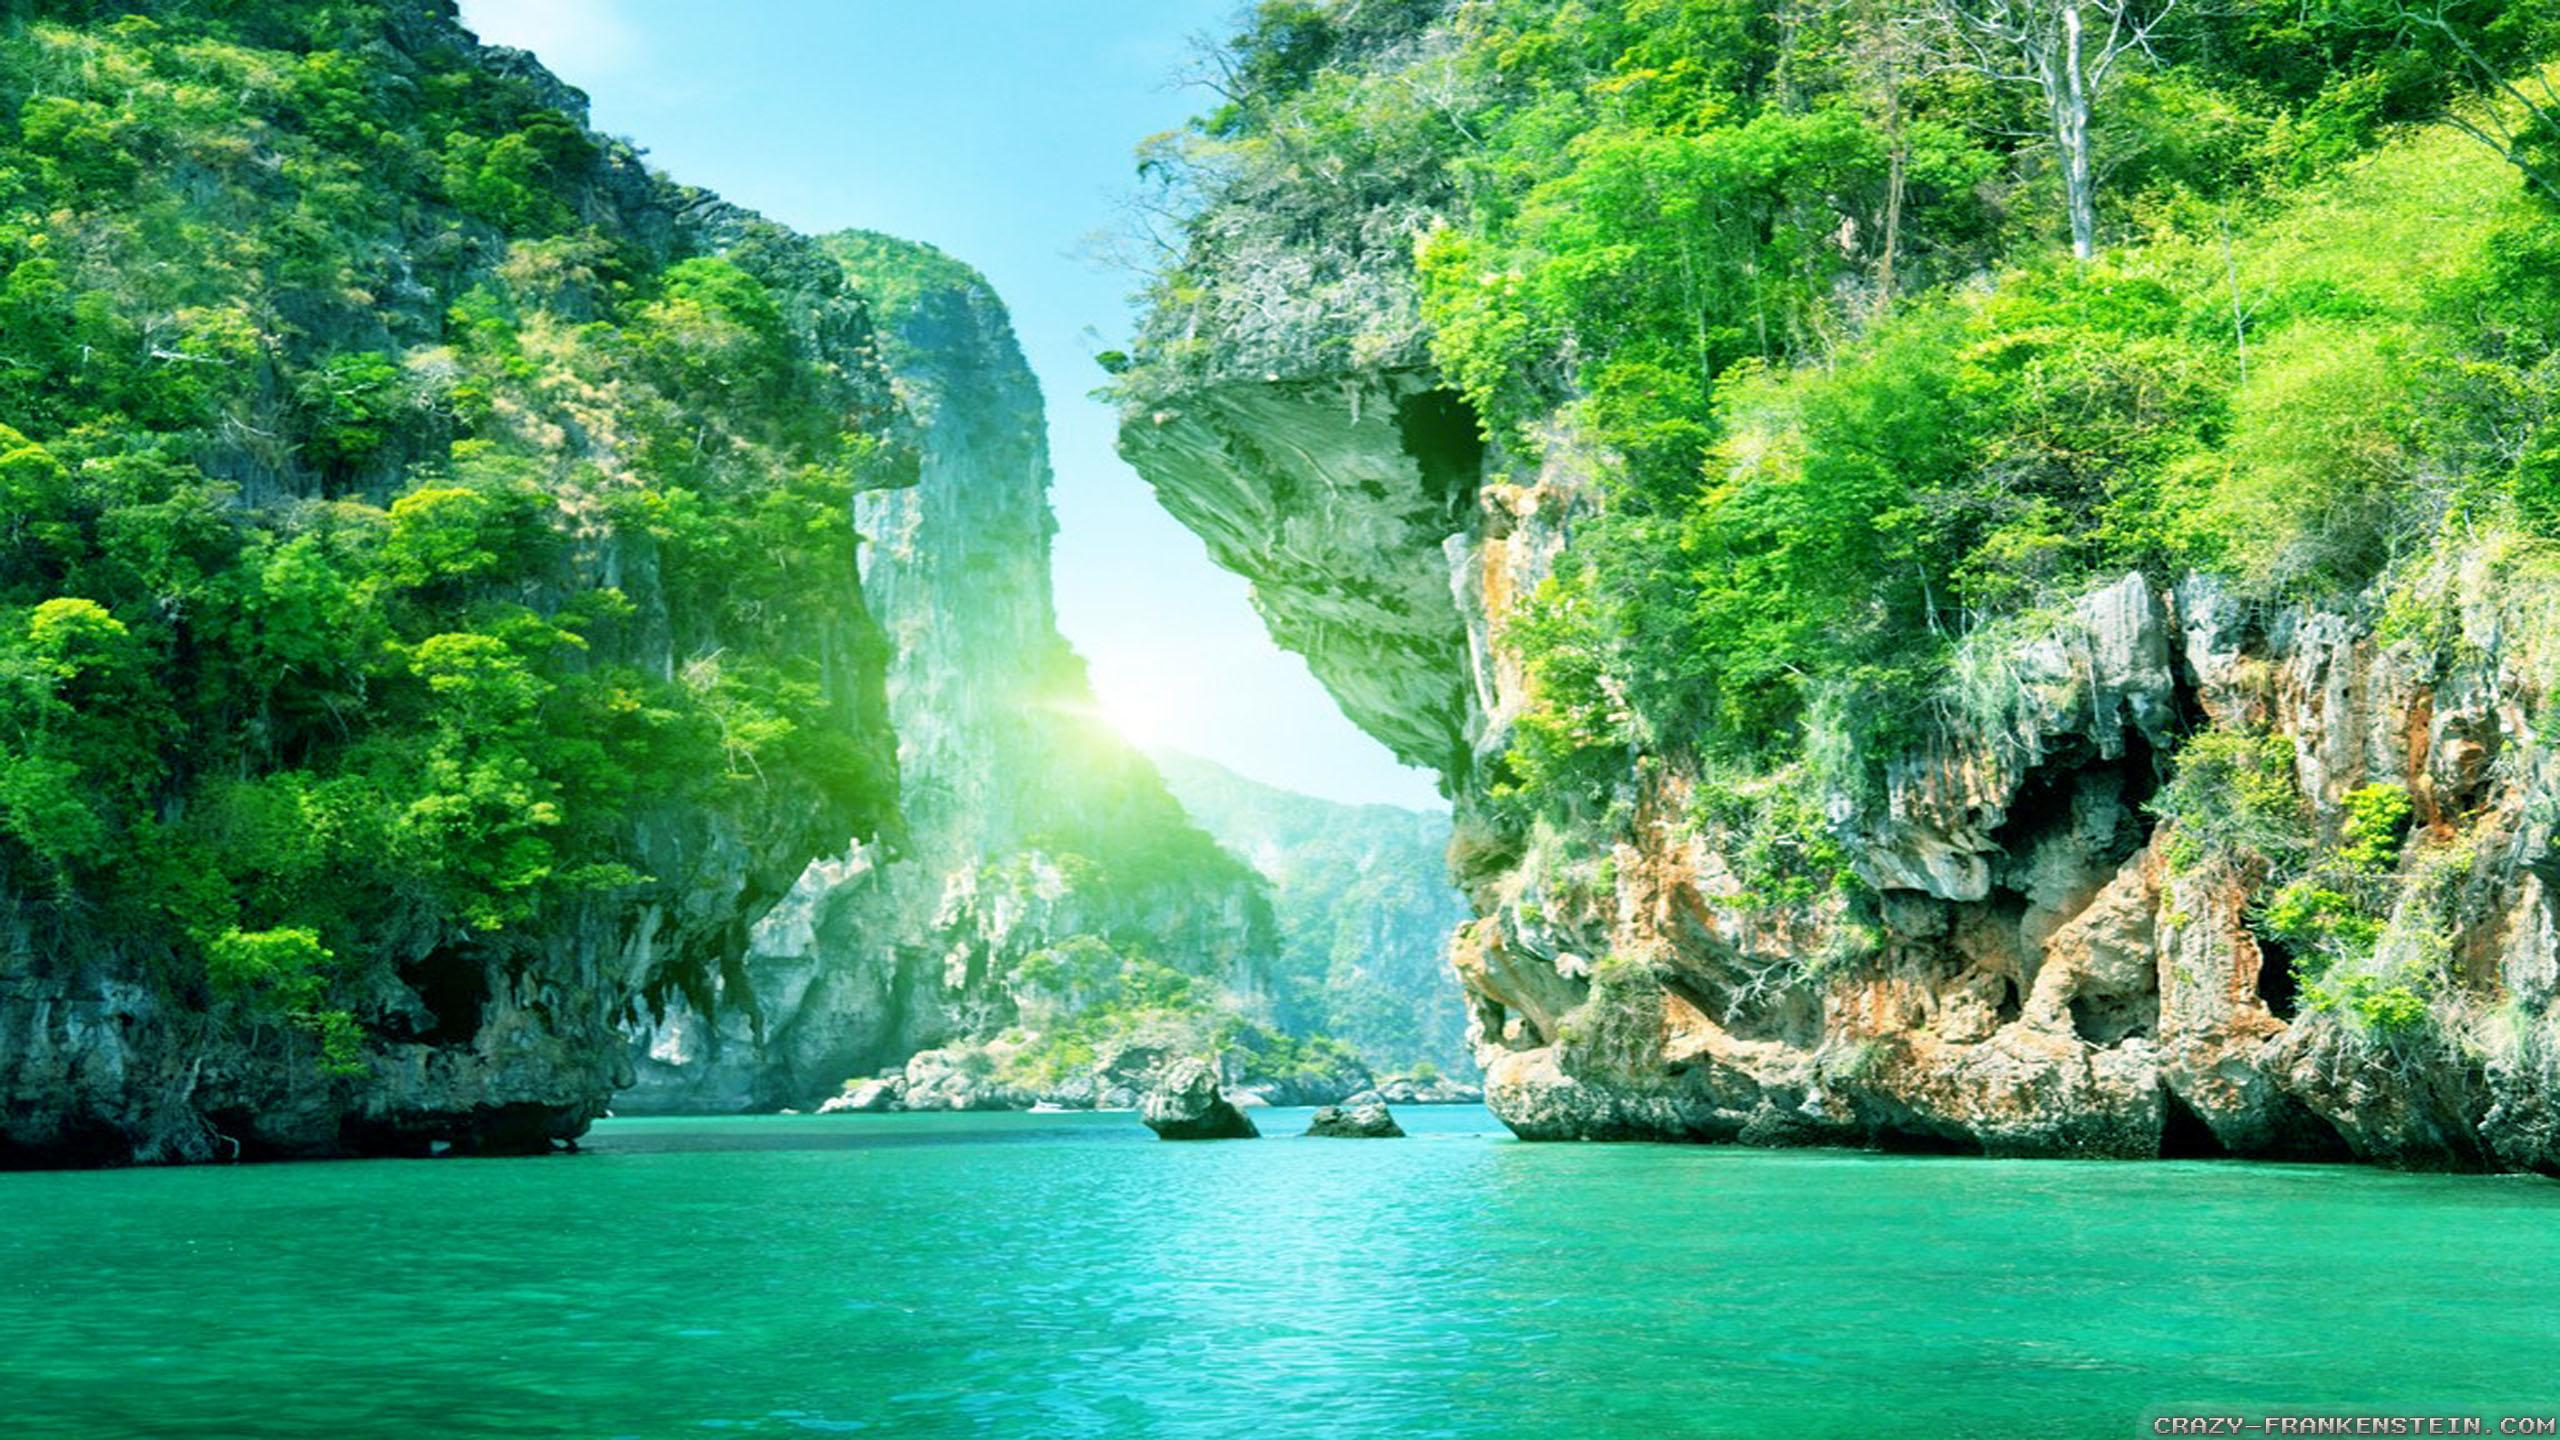 High Resolution Nature Wallpaper HD Widescreen Free